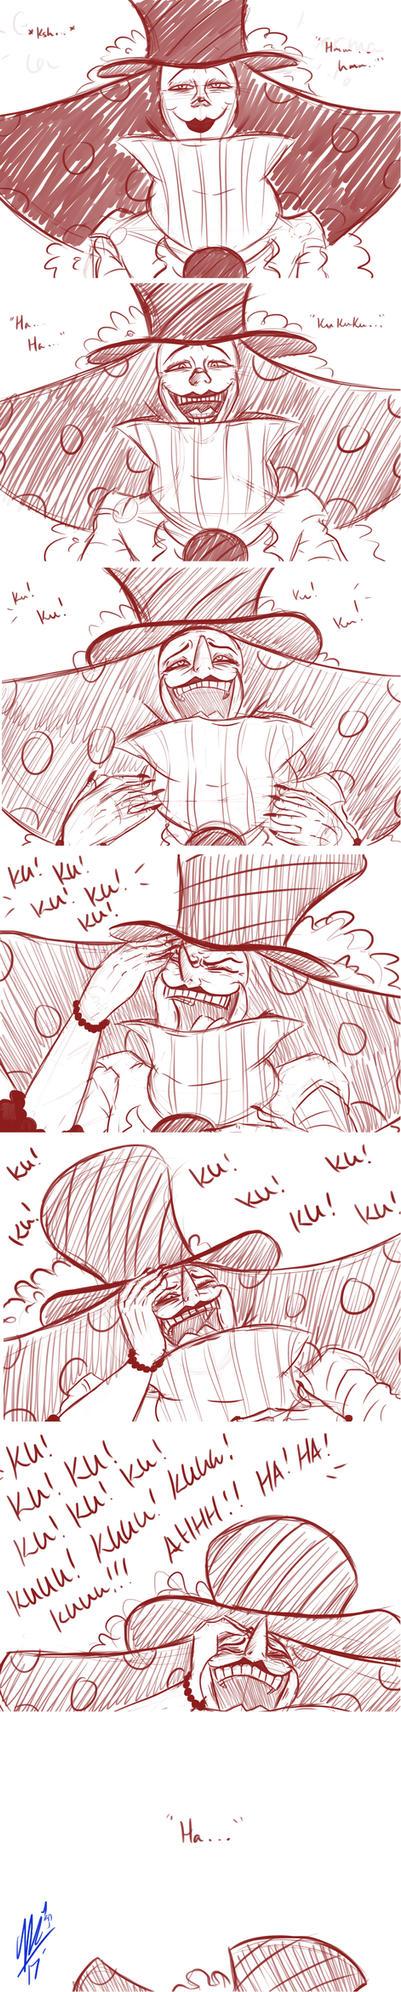 .:Comic:. I'm Broke by Youalahuan